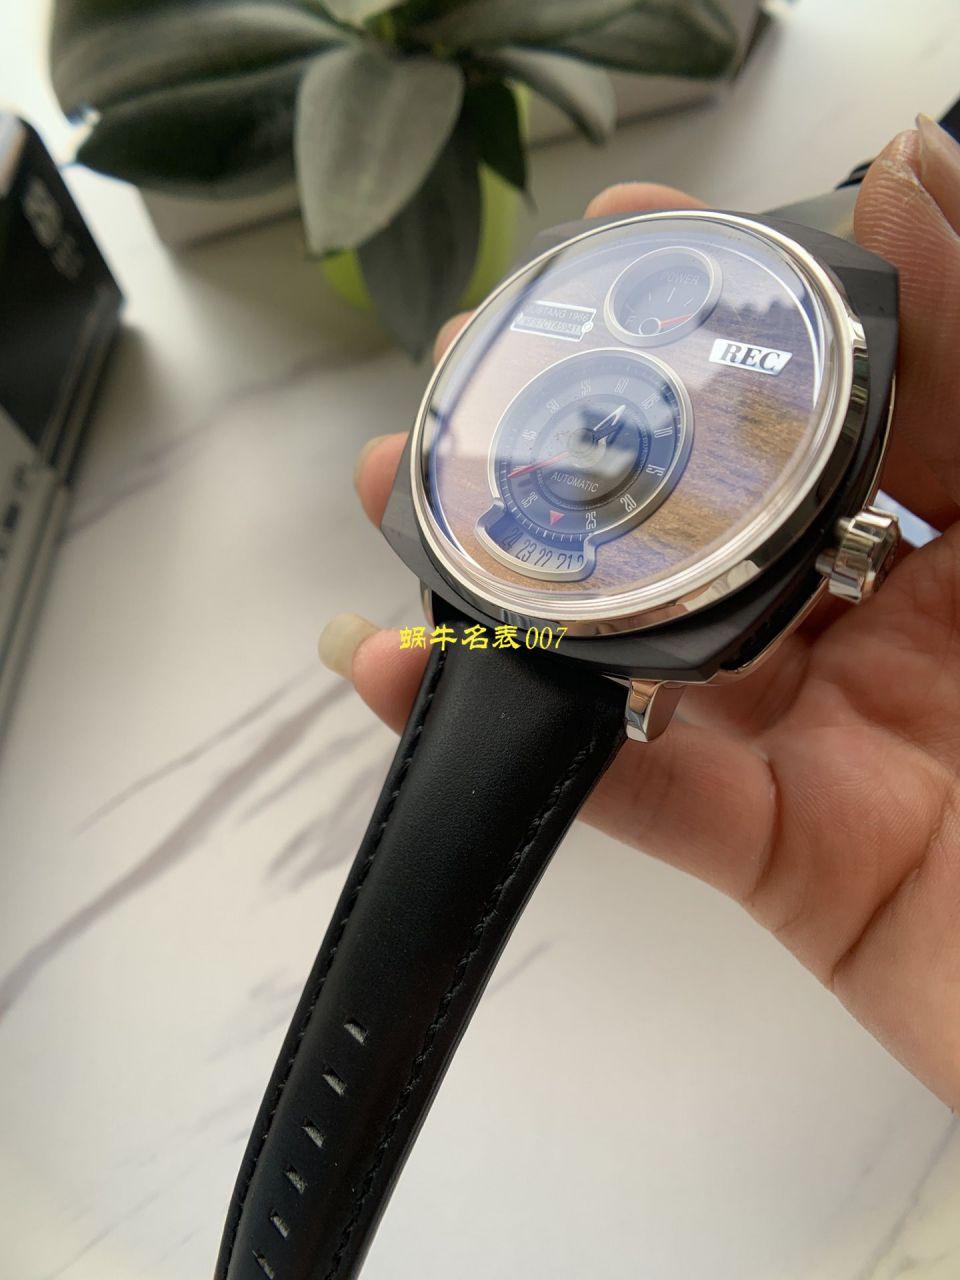 【渠道原单REC WATCH】REC福特野马计时手表  P51-01  P51-02  P51-03  P51-014